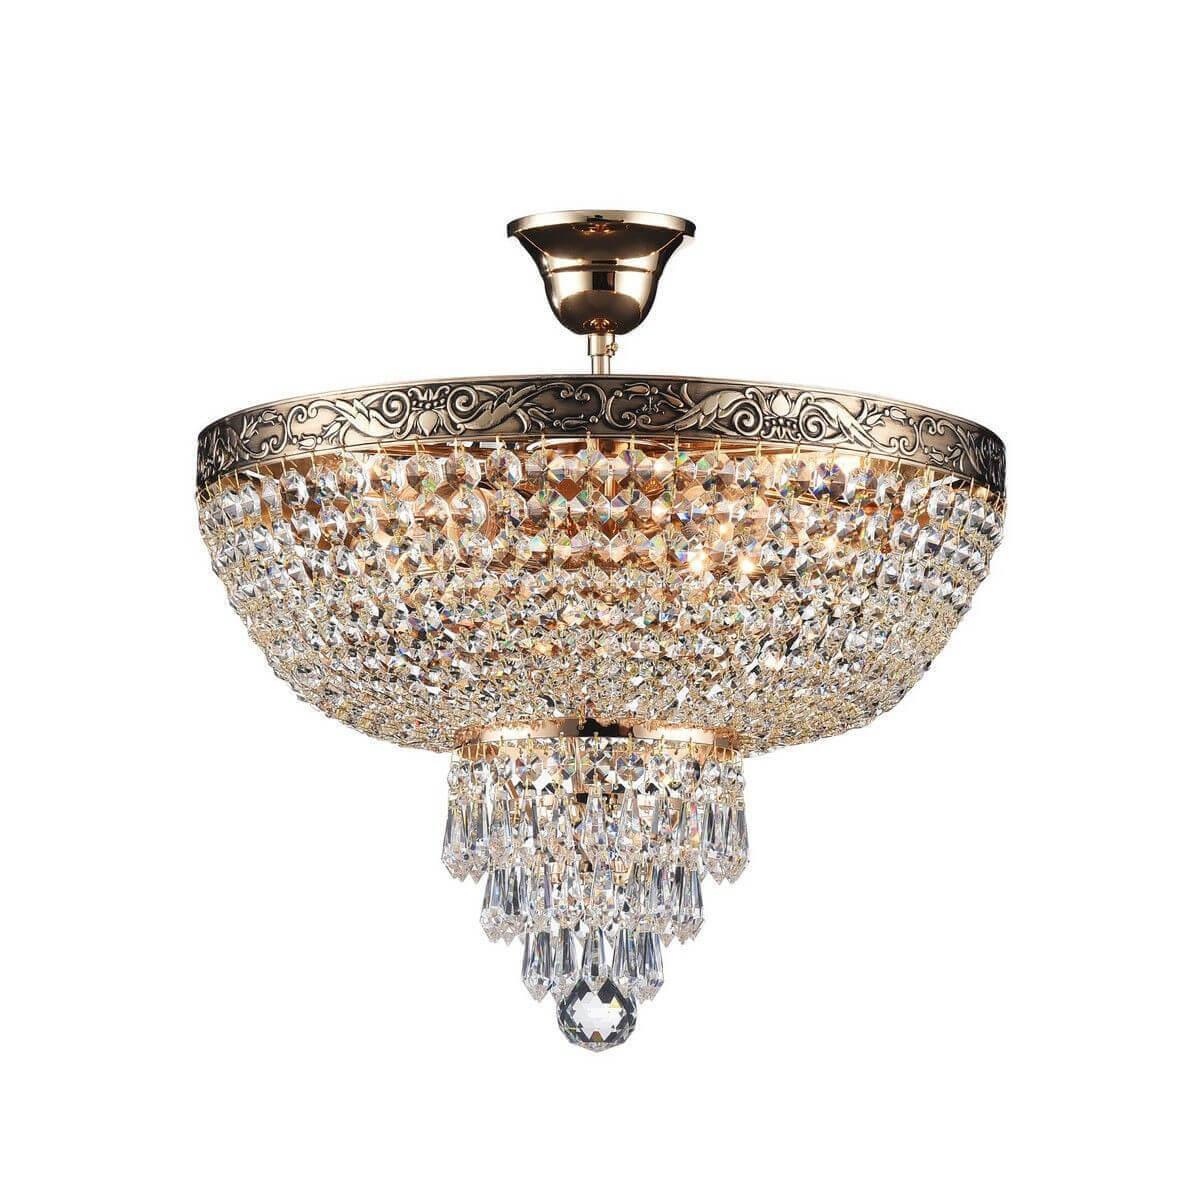 Потолочный светильник Maytoni Palace DIA890-CL-05-G цена